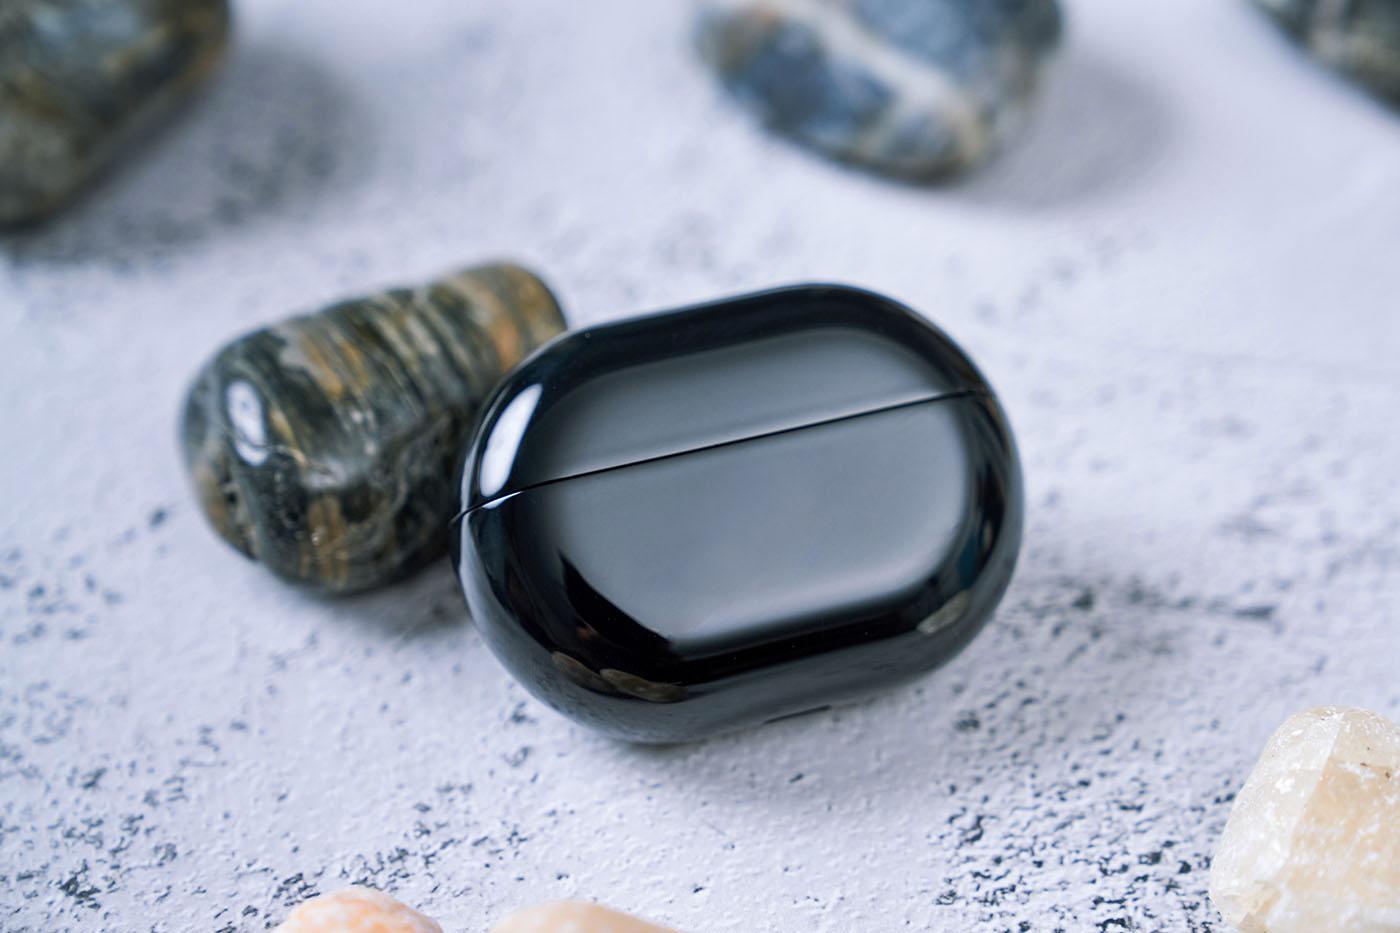 充電盒另一面則是十分純粹的黑色鏡面烤漆,看來更像一塊精緻的鵝卵石寶石,晶瑩剔透。